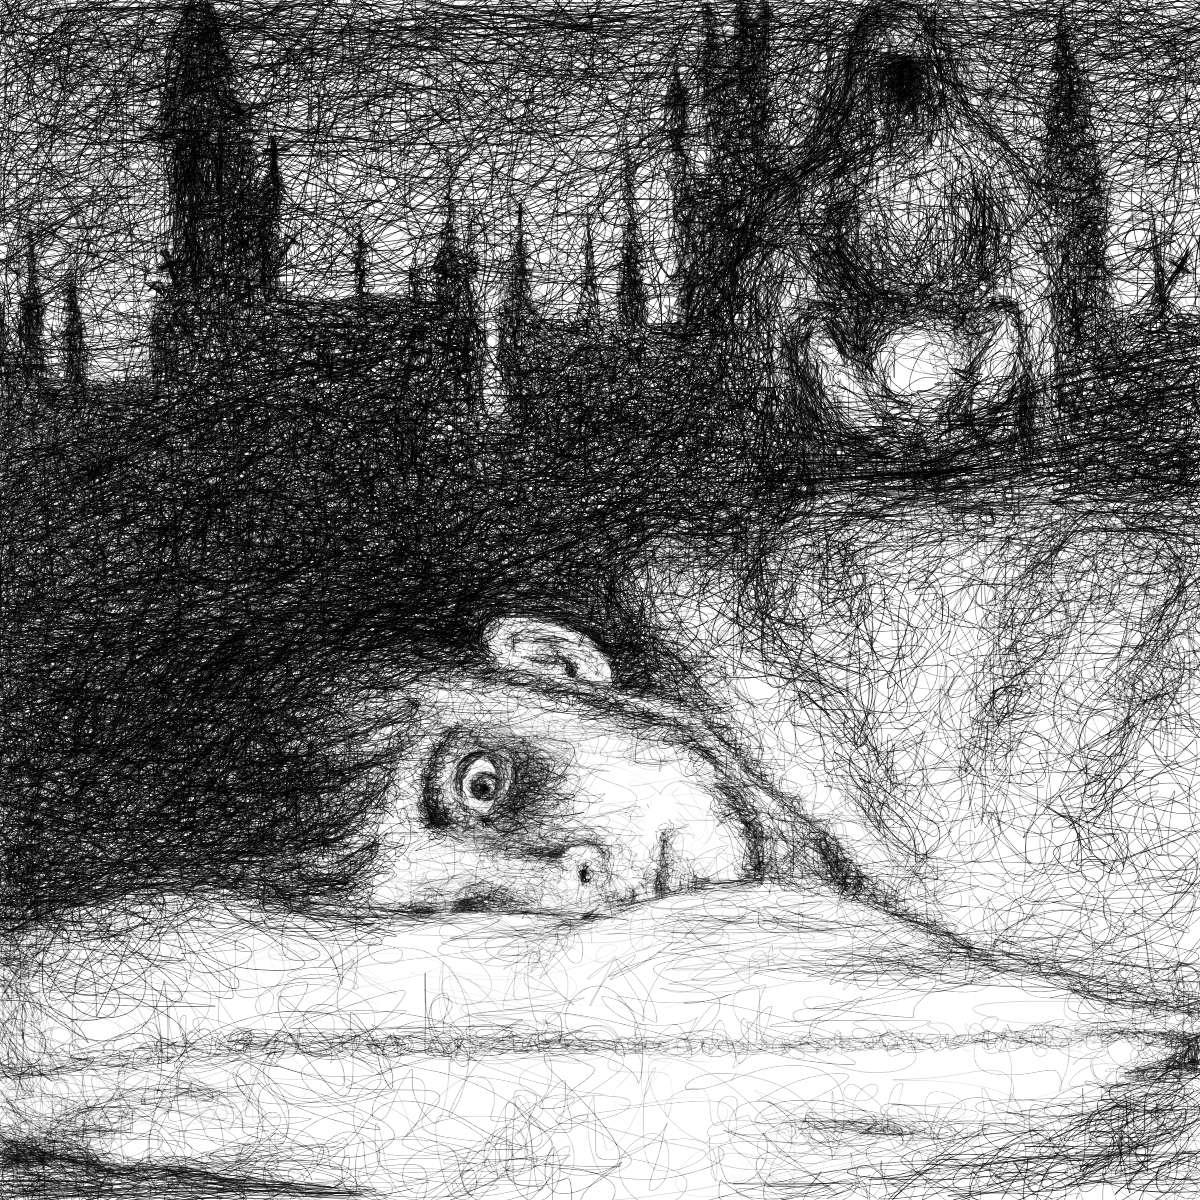 Michael Stauner - Inkarnation: Falbyr awakens from nightmare (illustration of book scene)